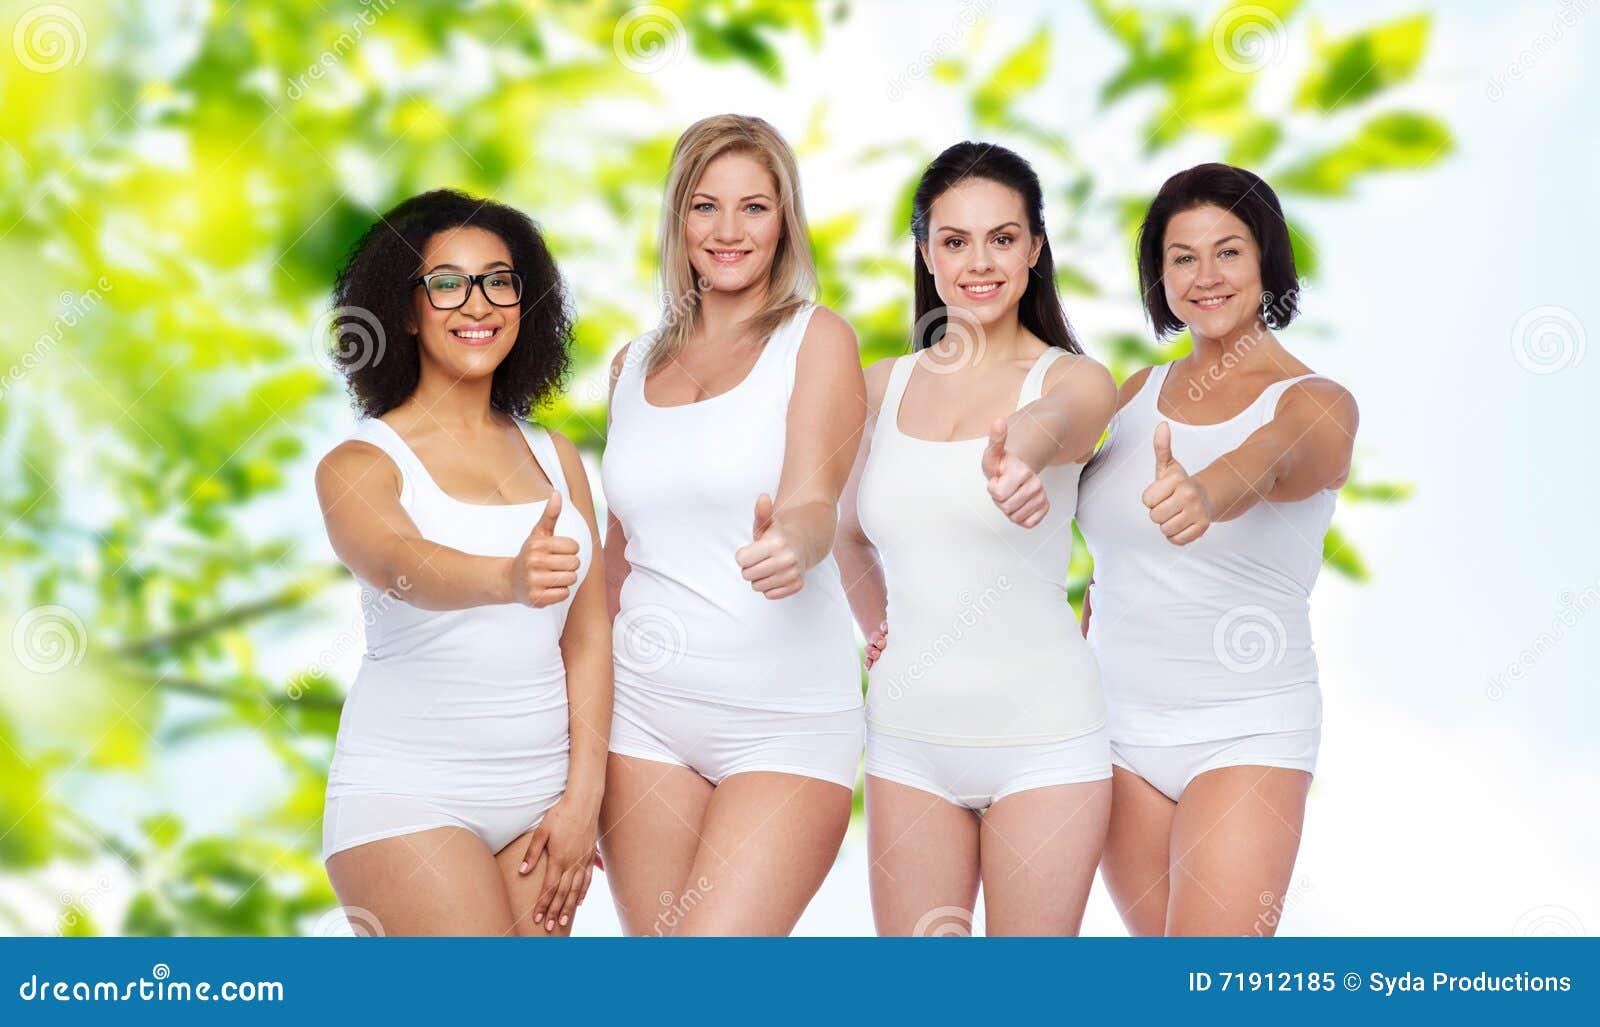 Kvinnor som visar allt